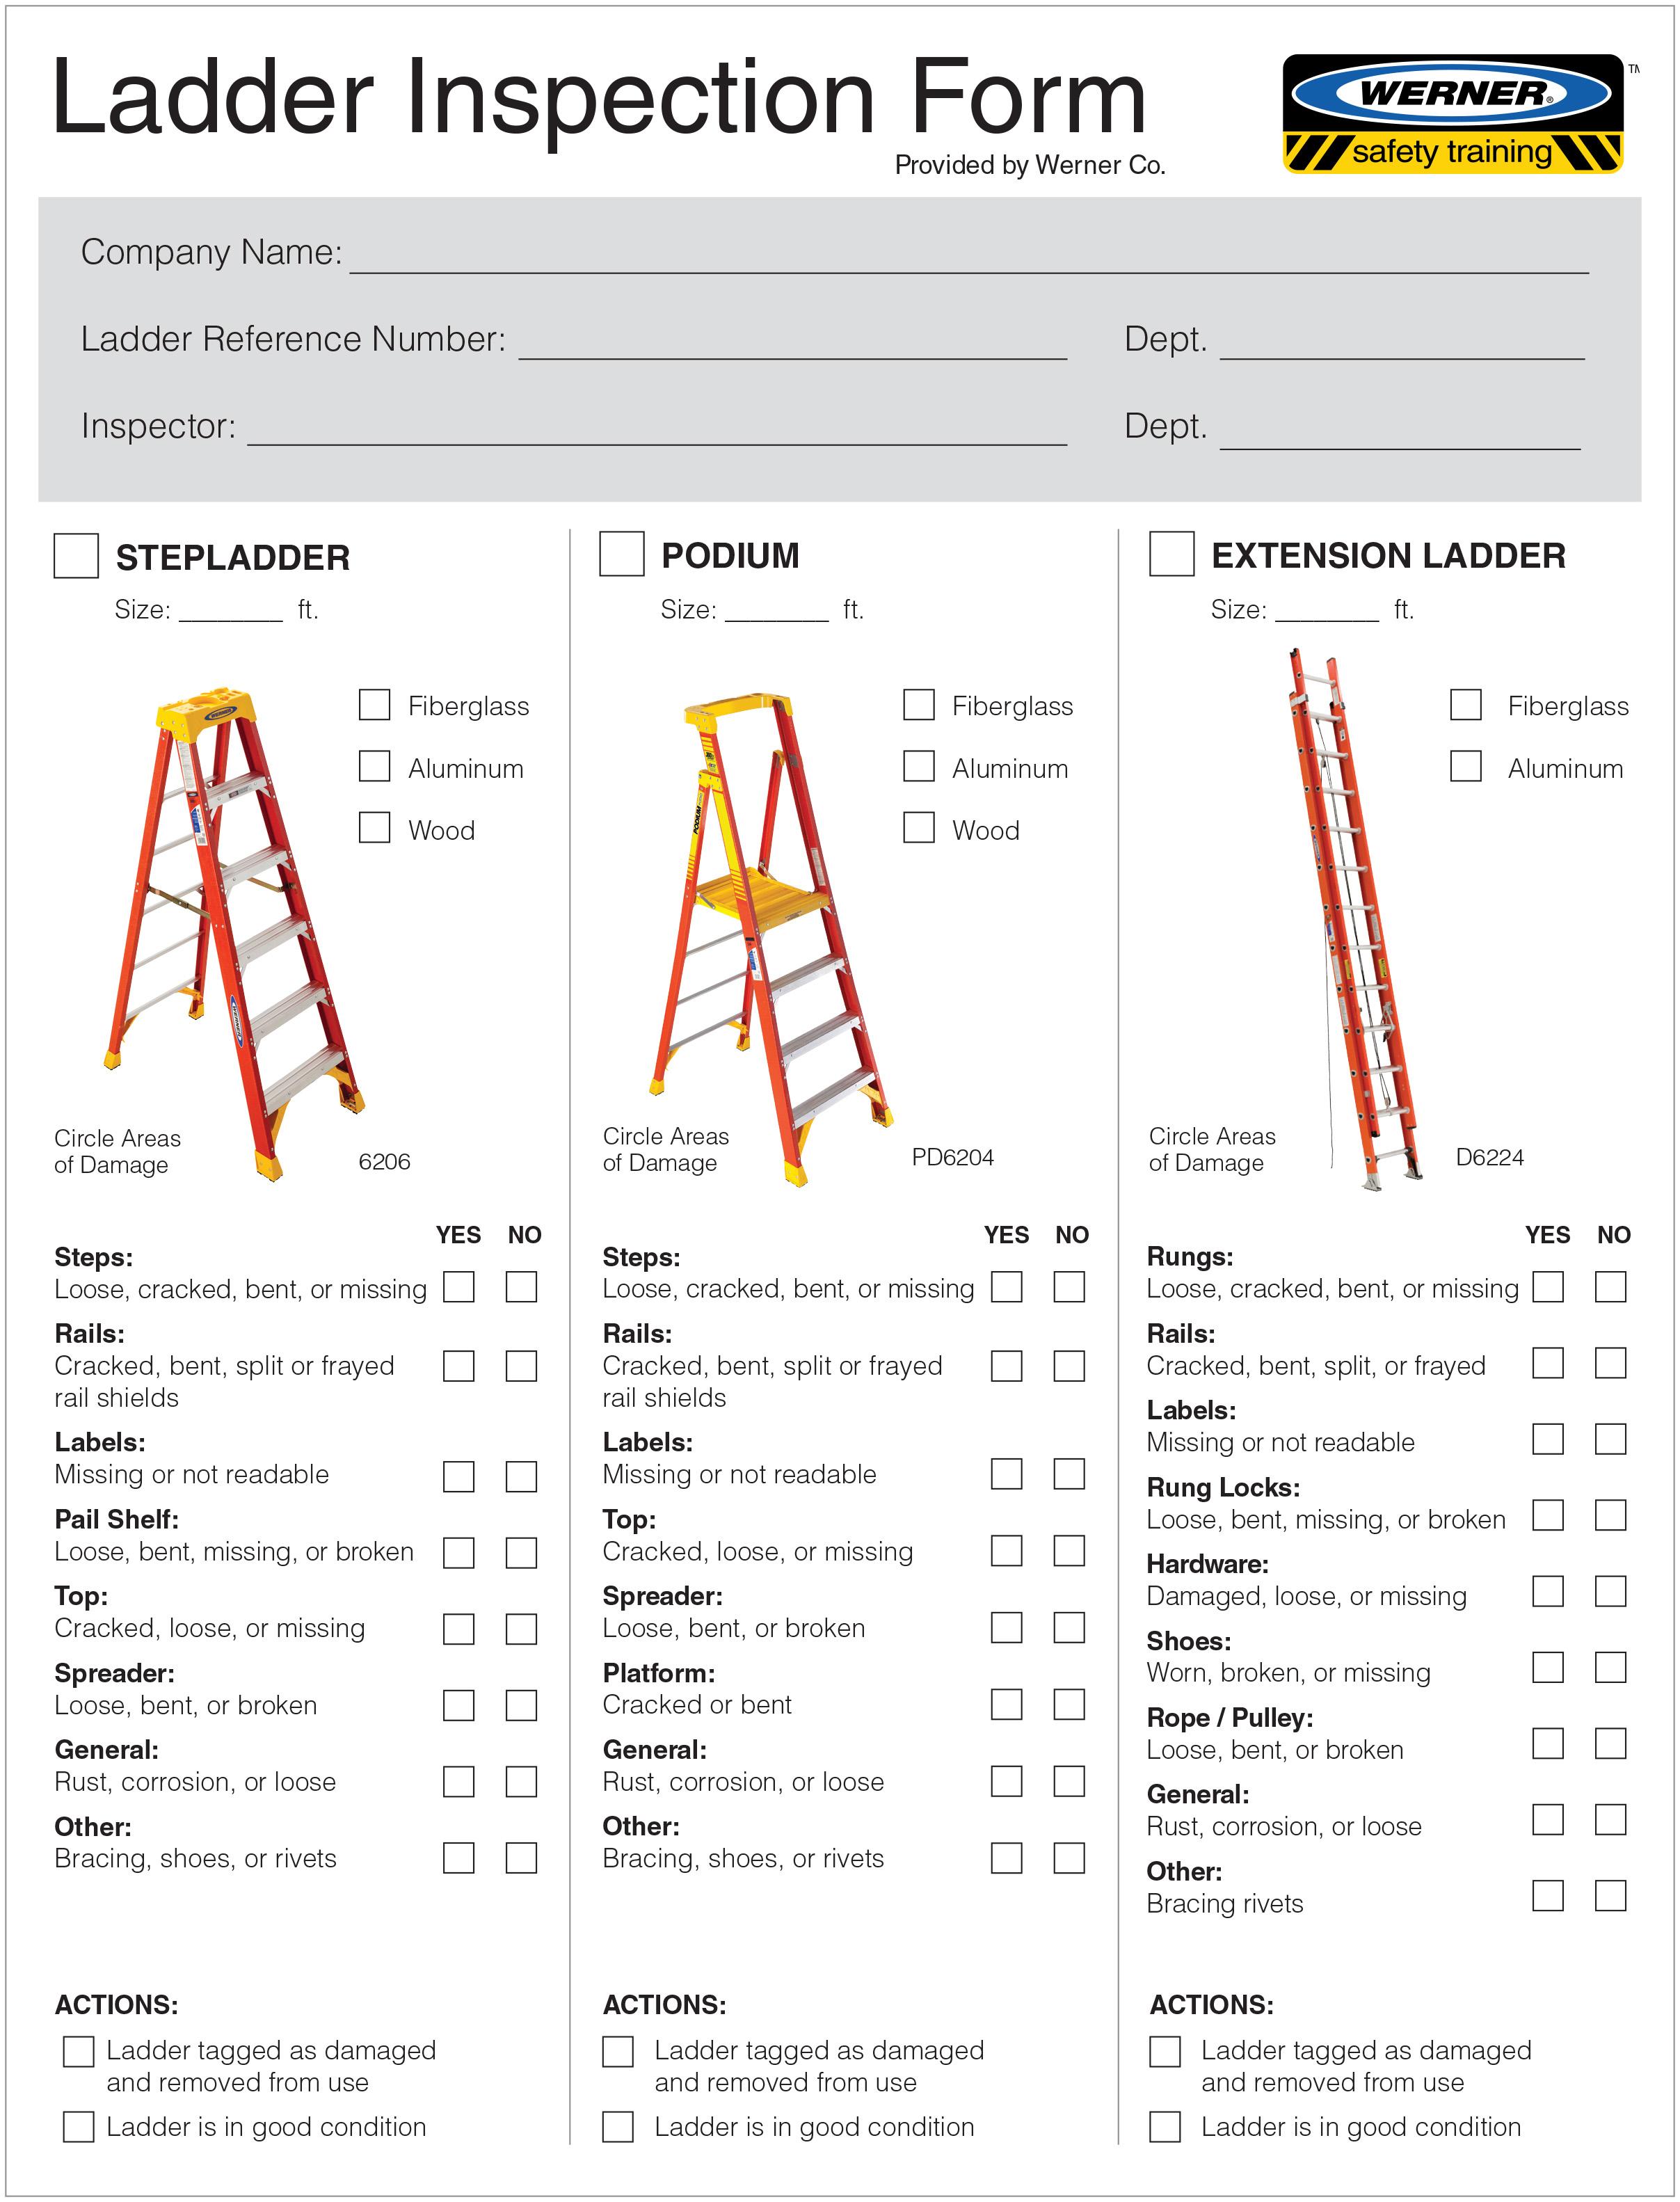 Ladders - *** Ladder Information - Ladder Inspection Video & Form